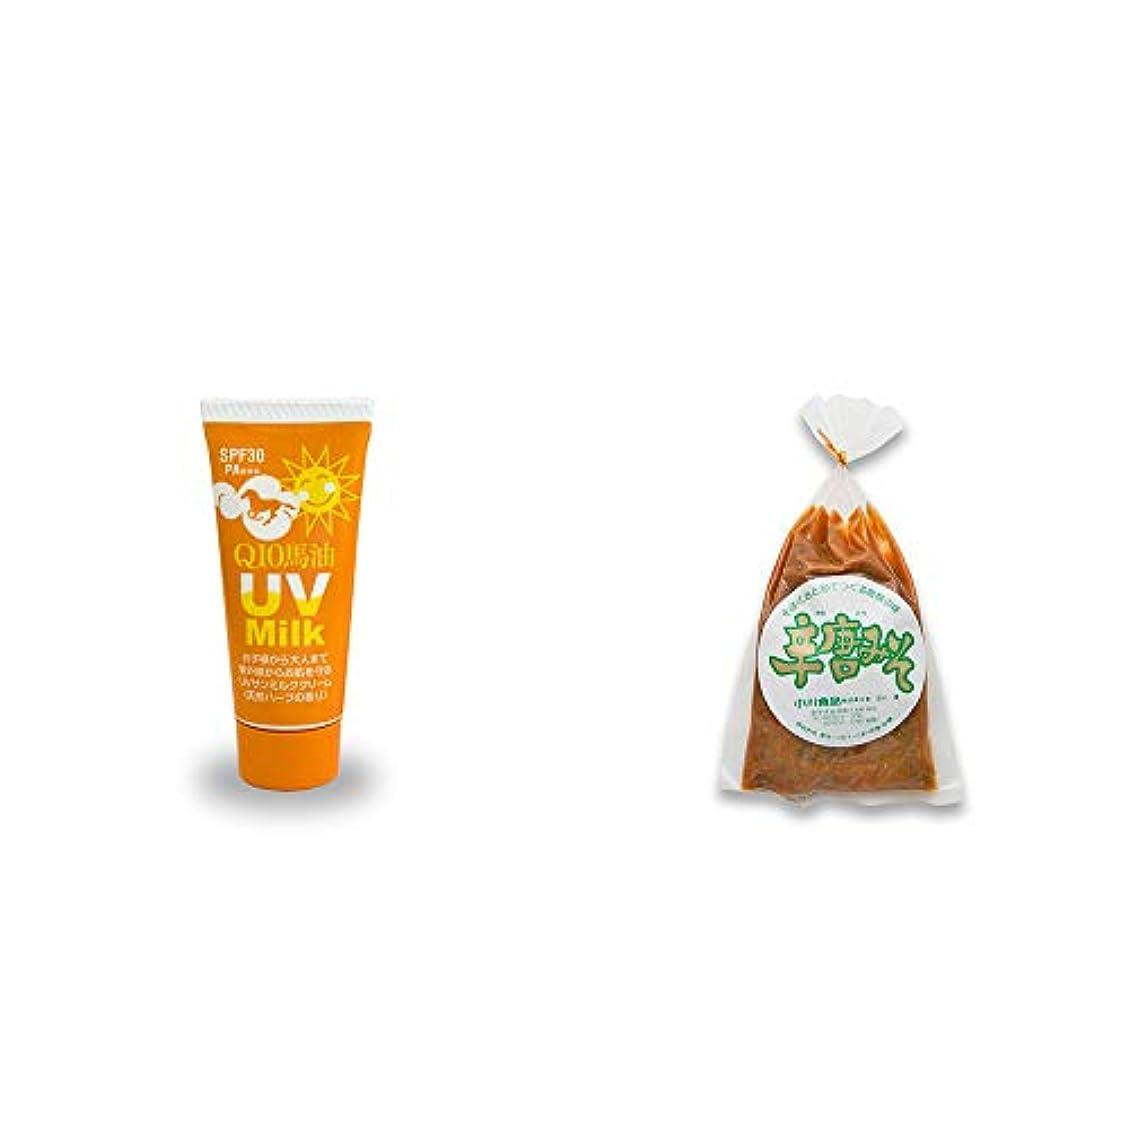 ヒロインブラウザ認知[2点セット] 炭黒泉 Q10馬油 UVサンミルク[天然ハーブ](40g)?辛唐みそ(130g)